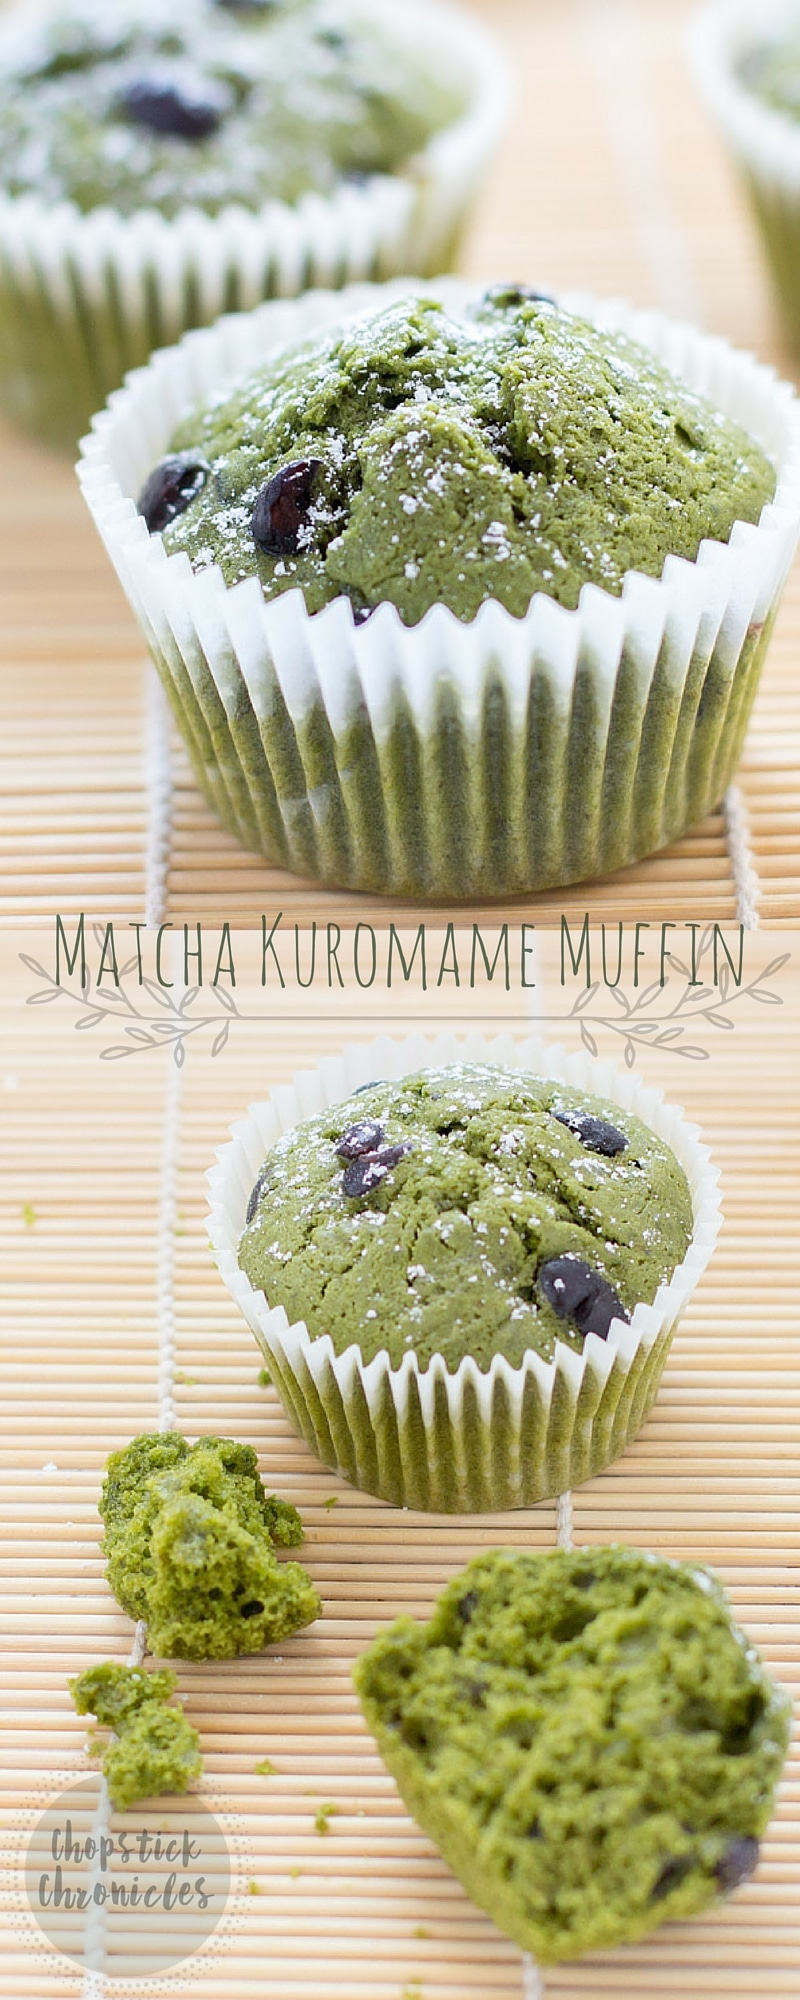 Matcha Kuromame Muffins